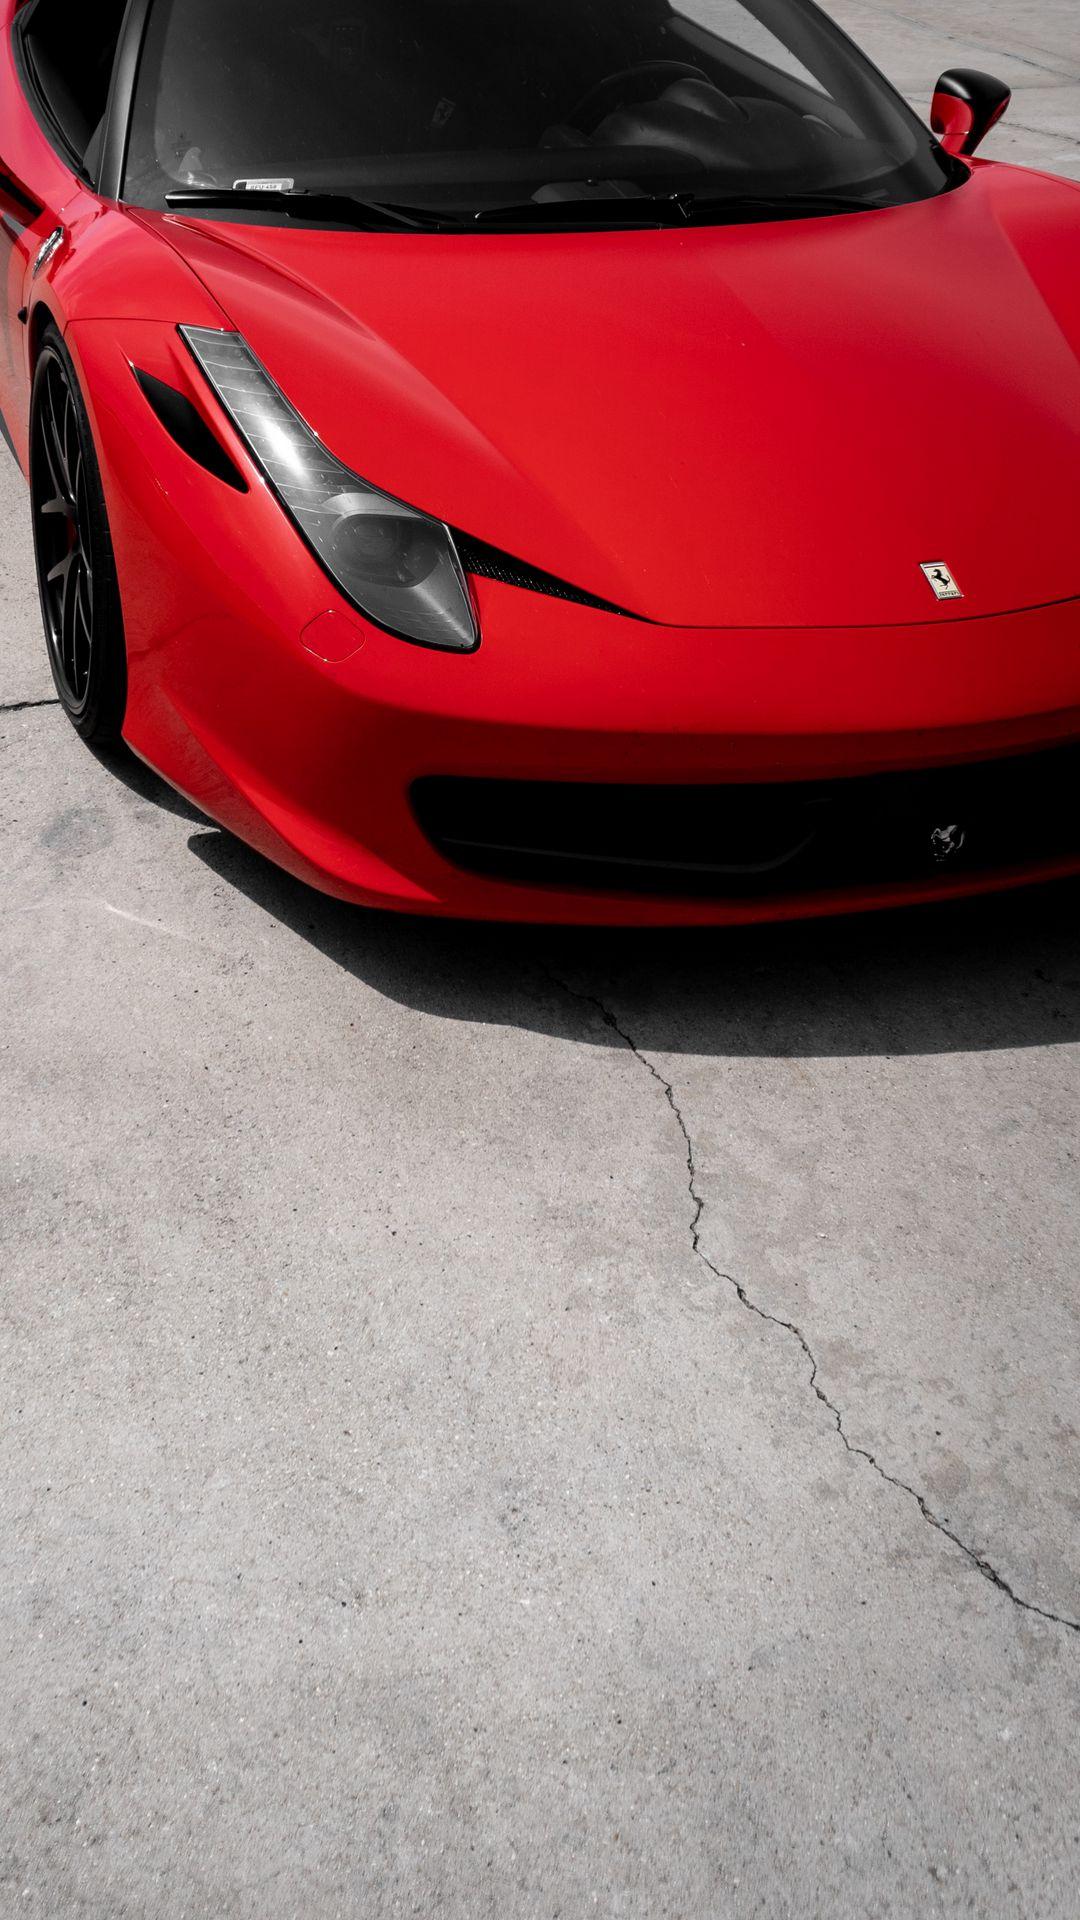 Ferrari 458 Car HD Wallpapers Free Download